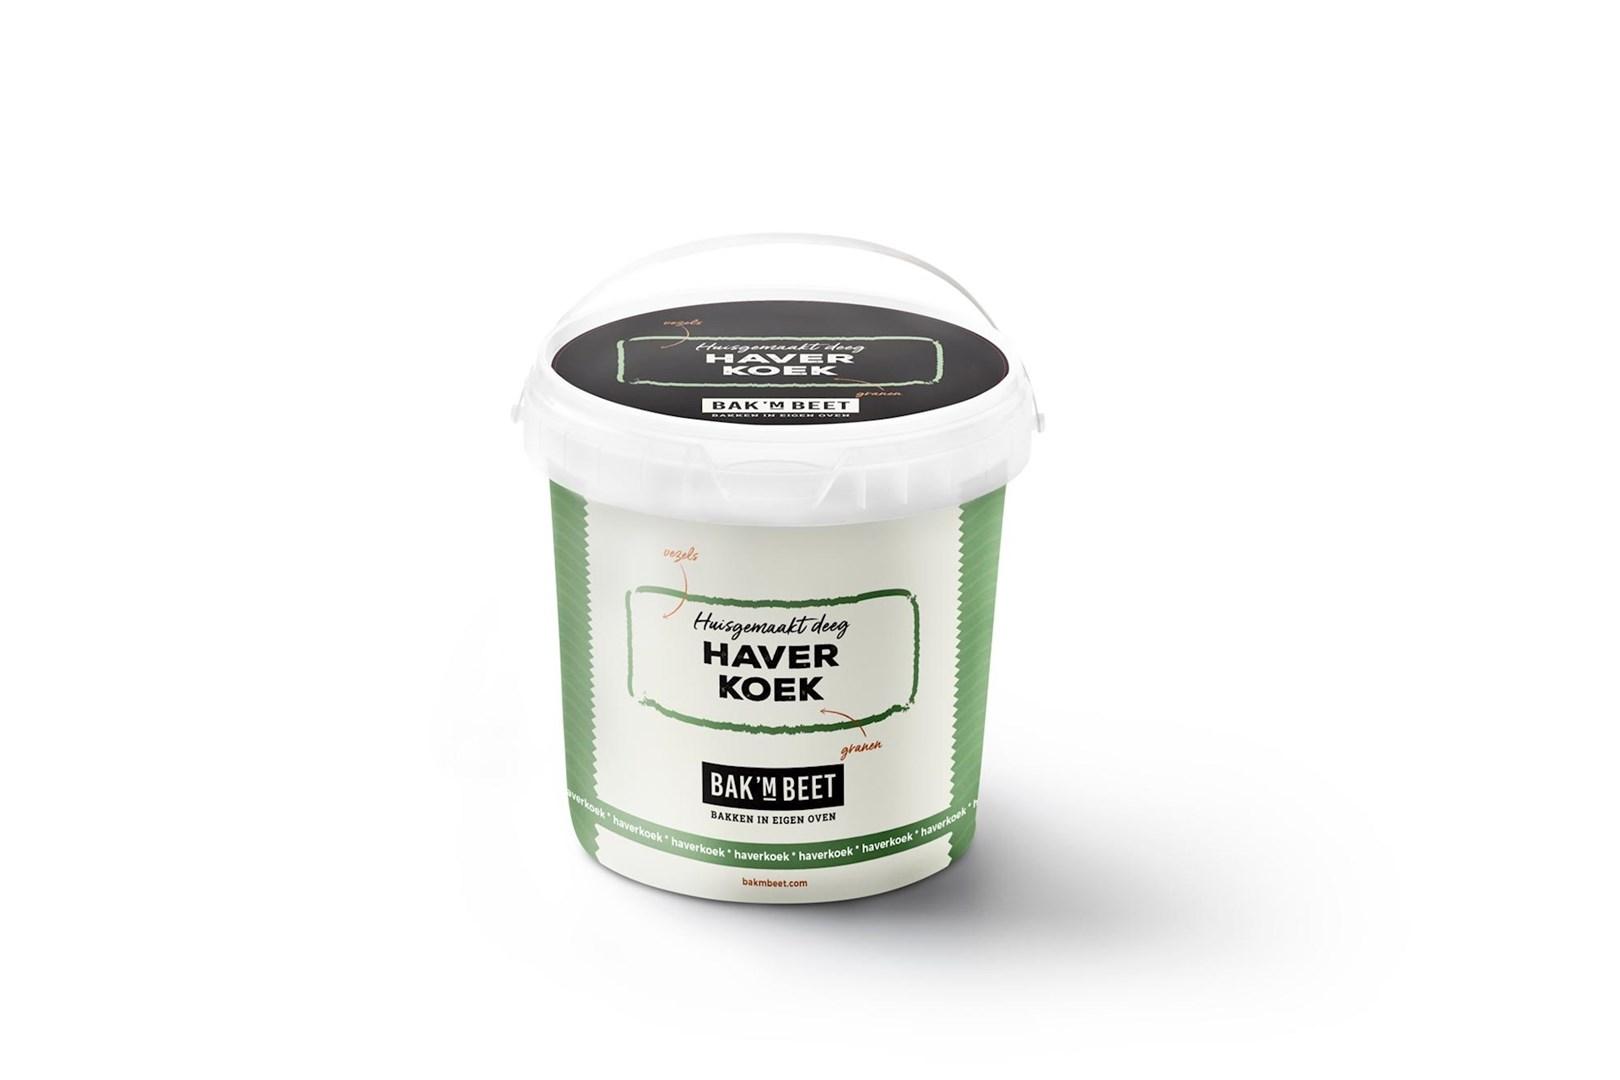 Productafbeelding Haverkoek Bak 'm beet 1 kg